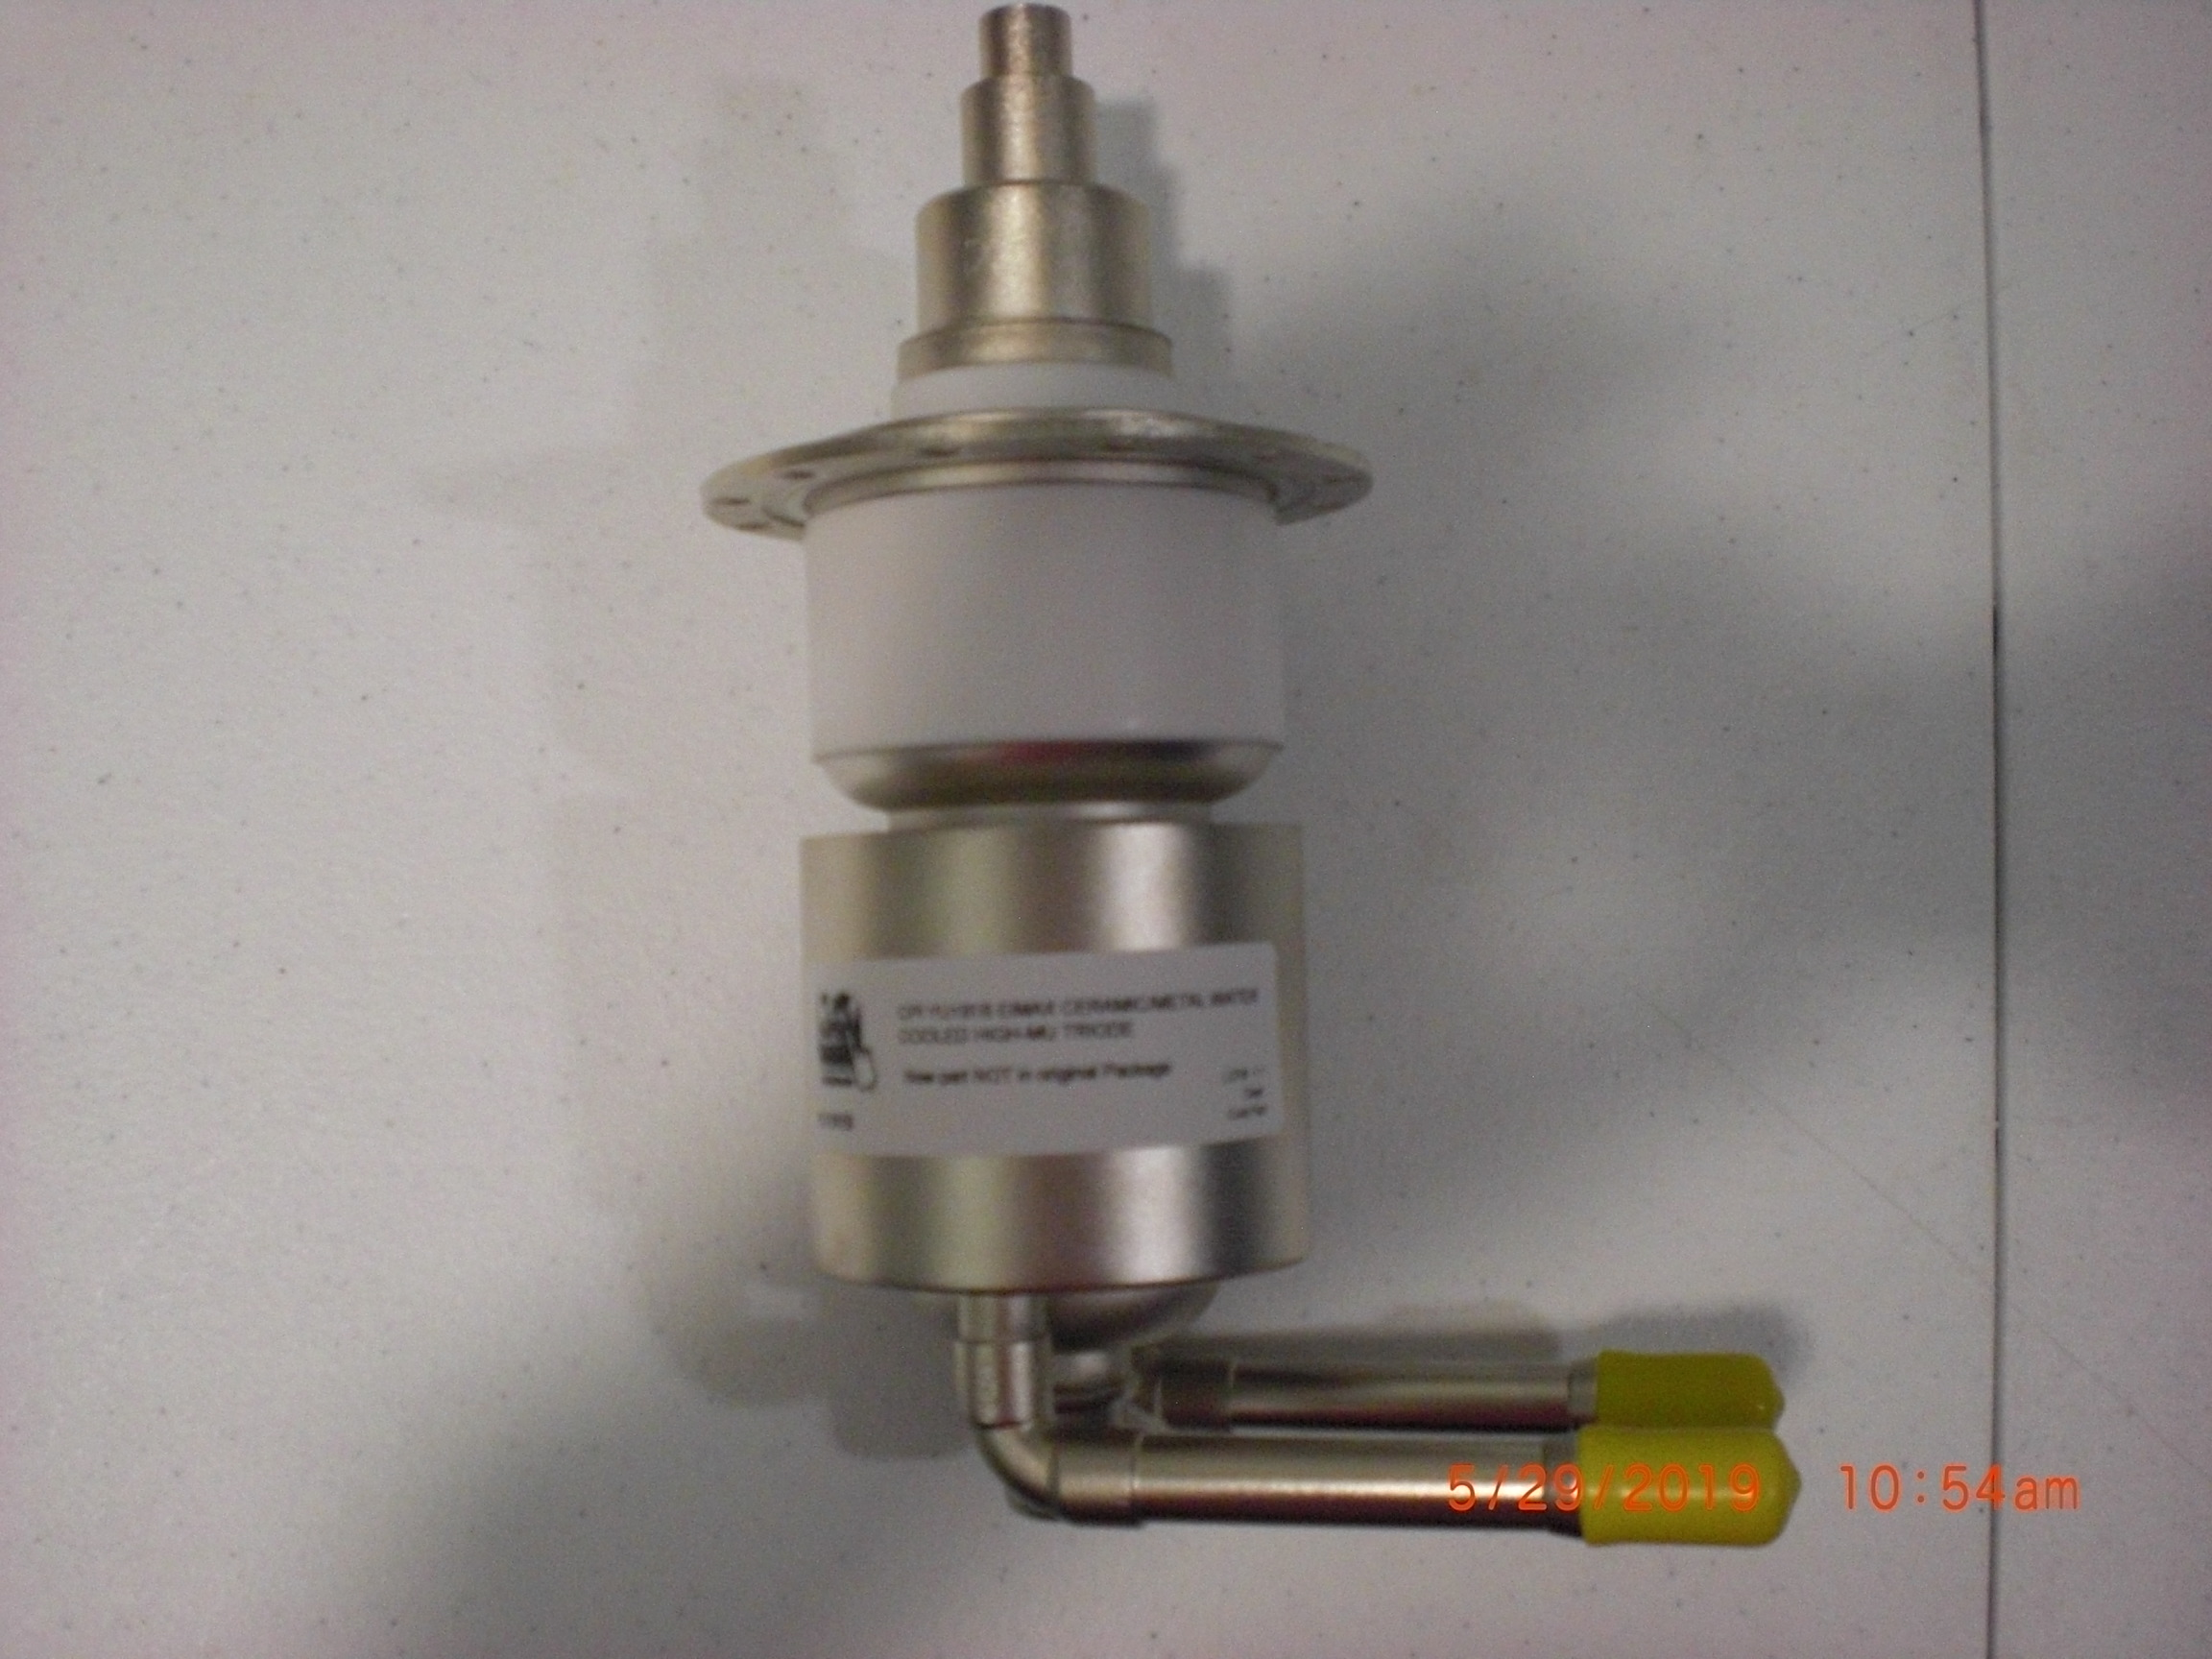 Amplifier CPI YU191B EIMAX Ceramic/Metal Water Cooled High-MU Triode